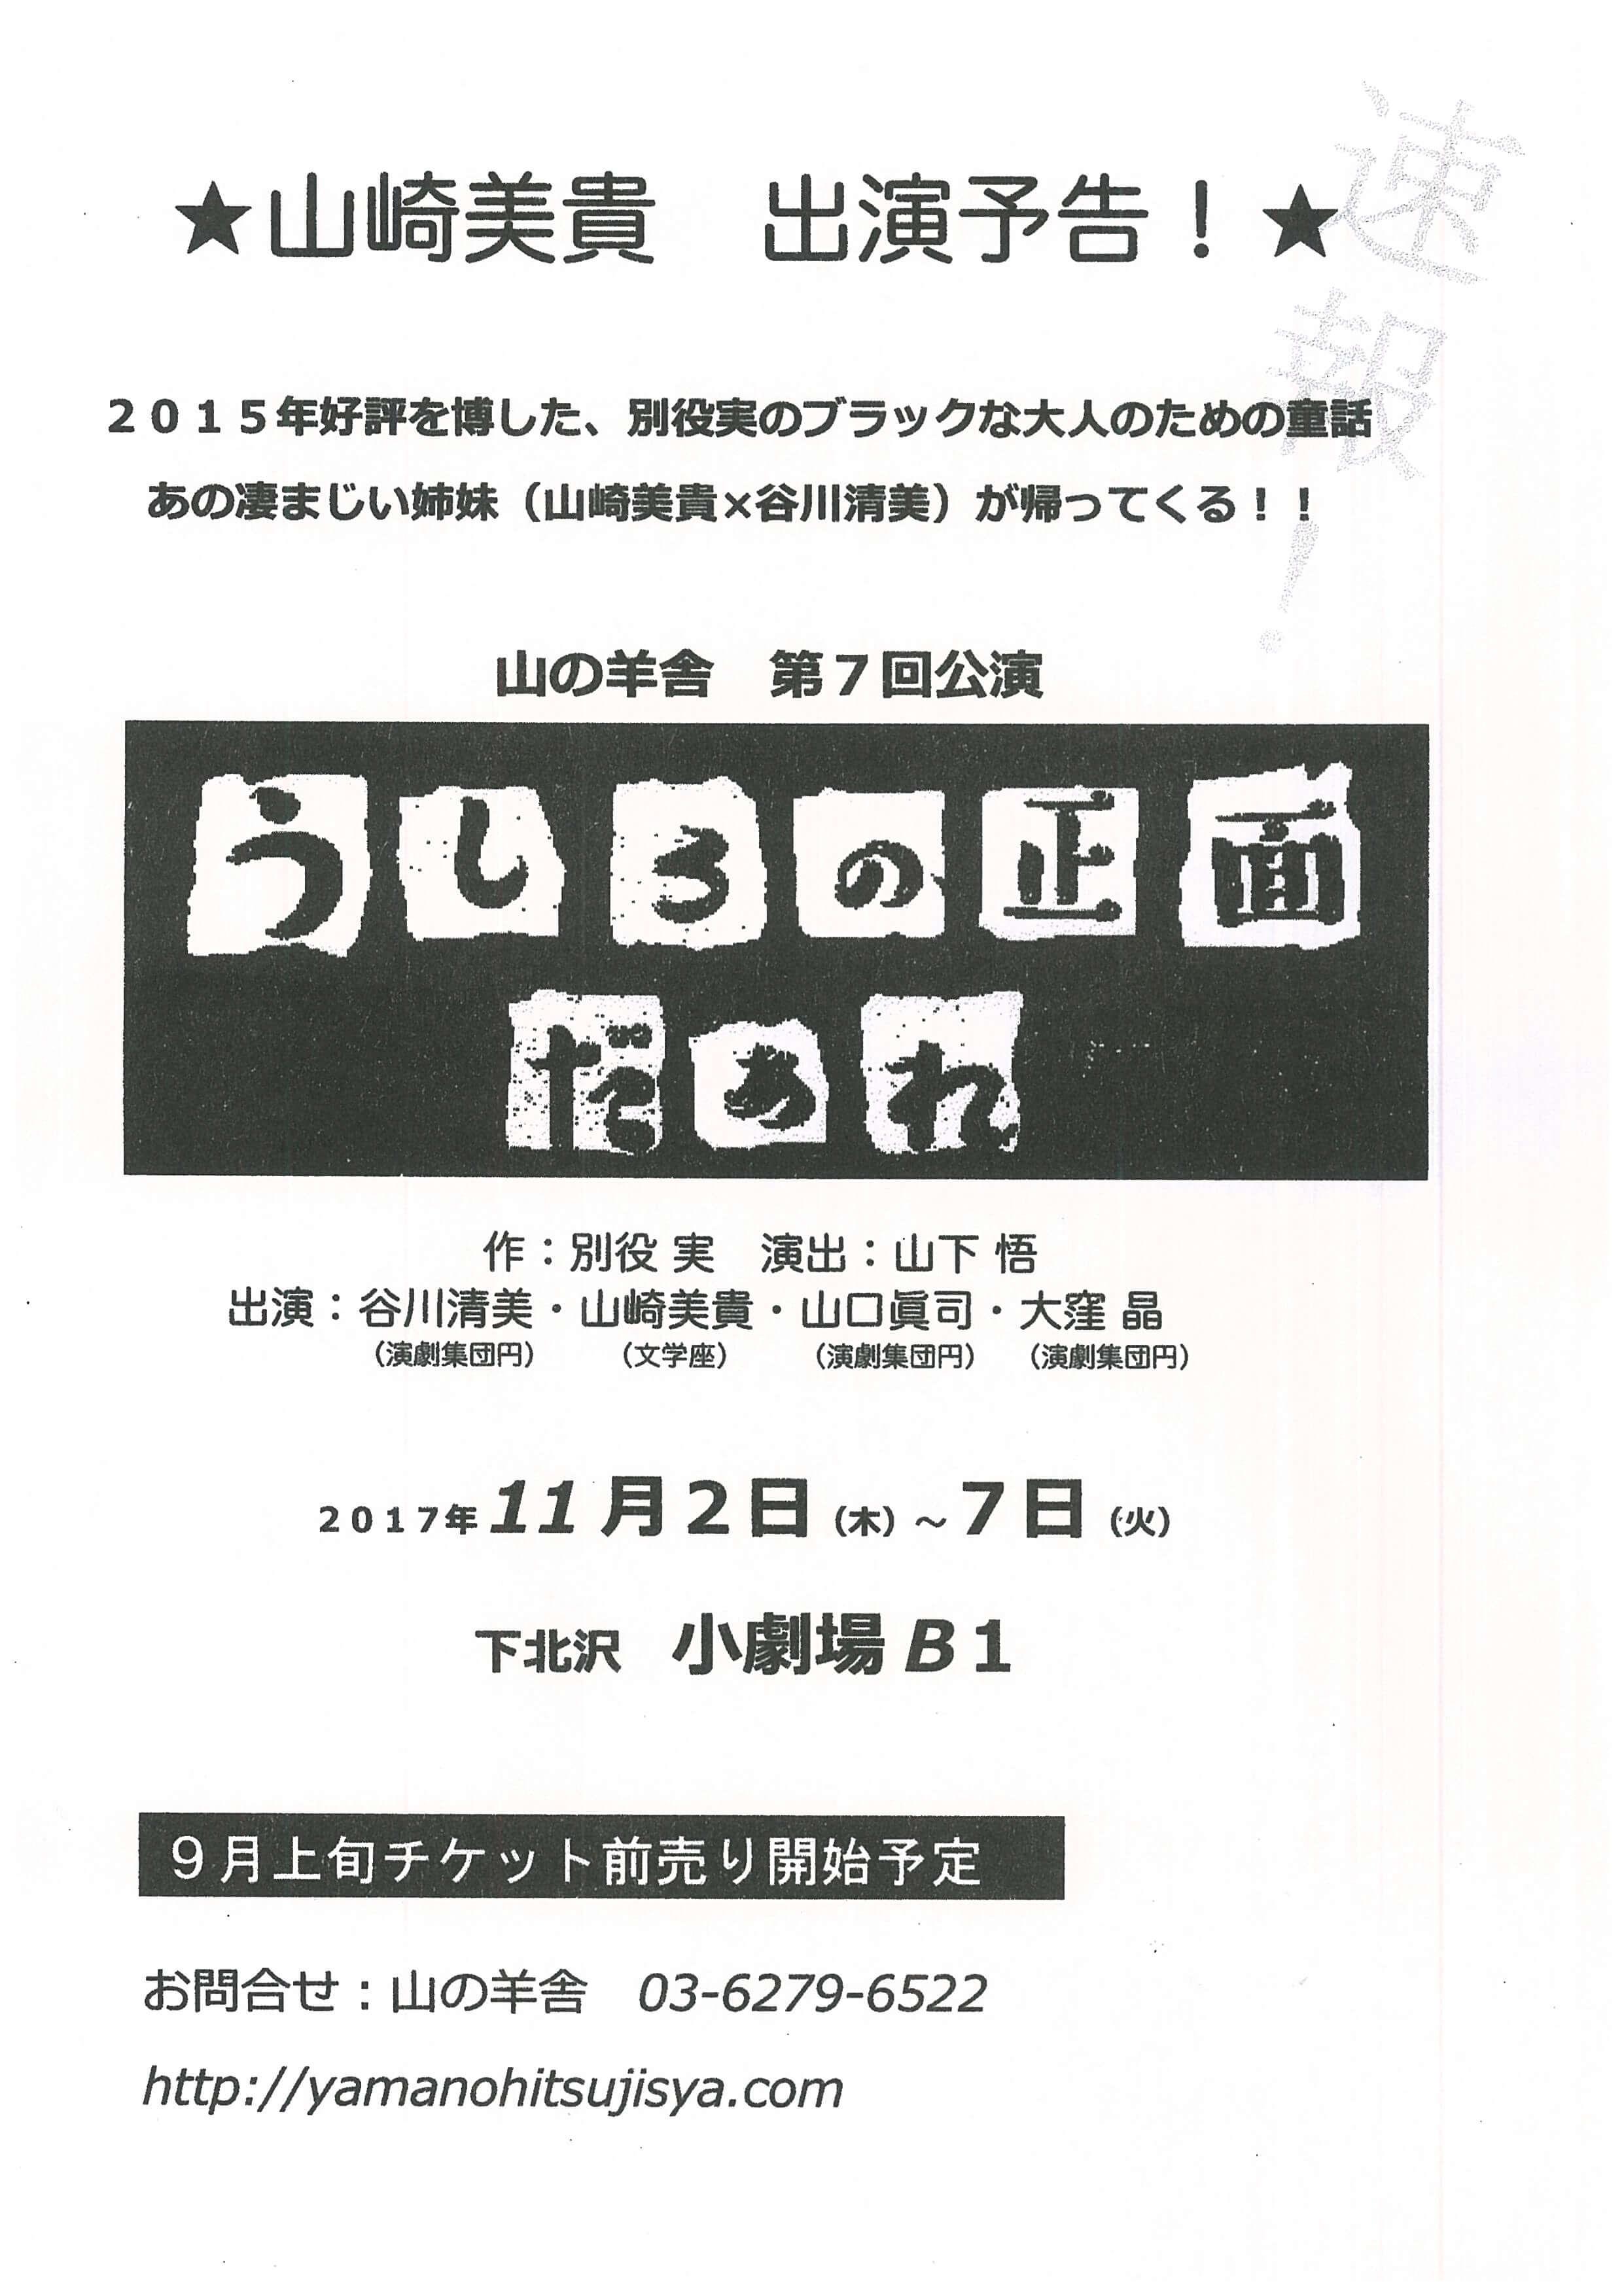 【山崎美貴 出演】11/2(木)~7(火) 「うしろの正面だぁれ」